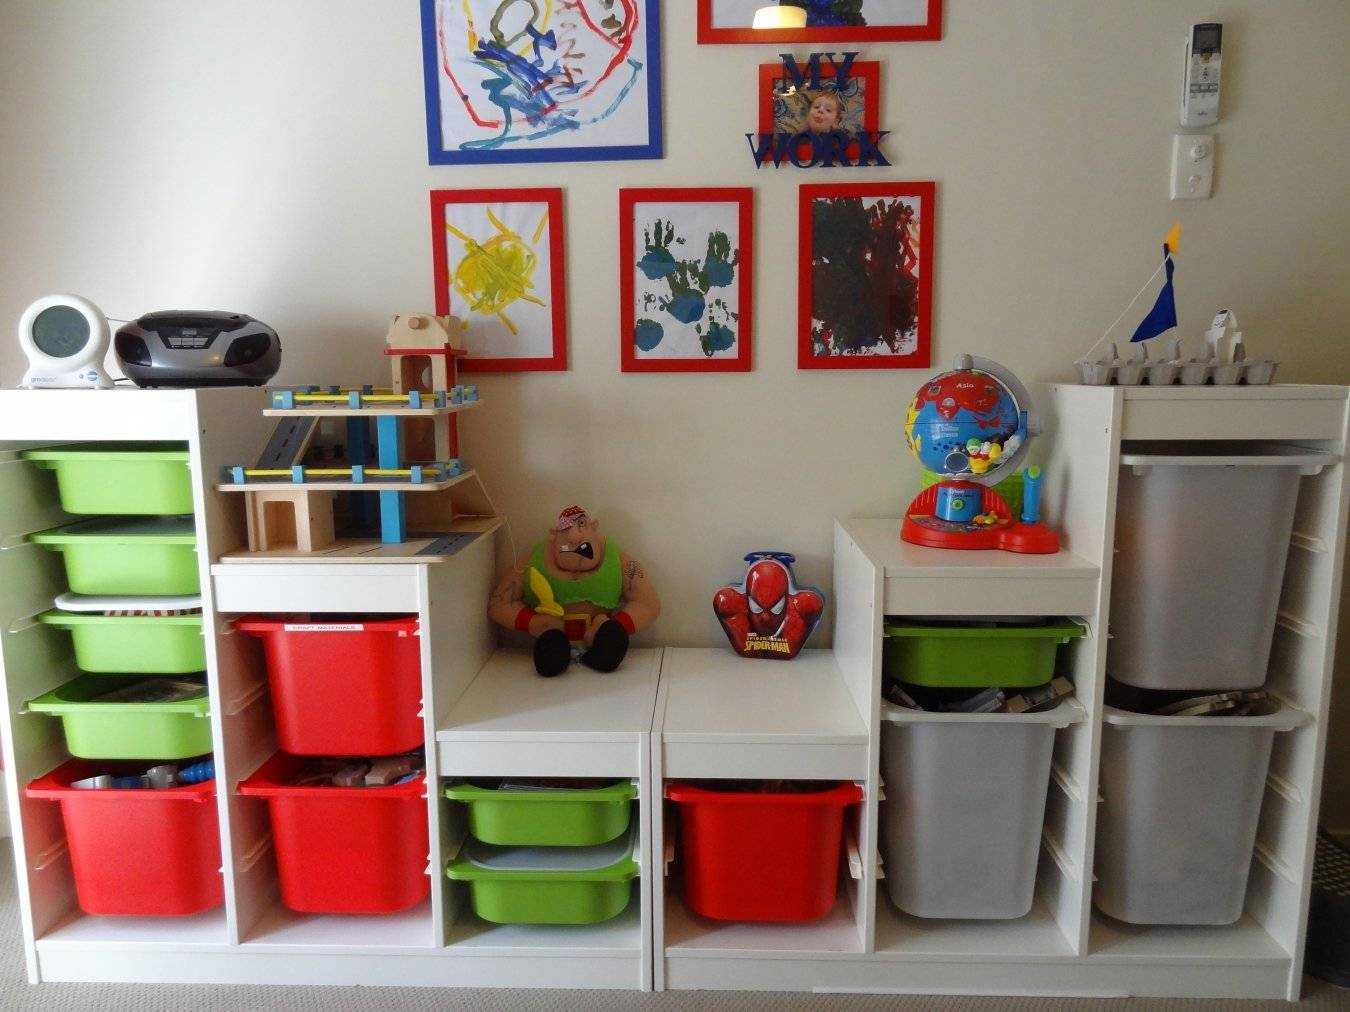 Крутые уловки: 28 лайфхаков для аккуратного хранения вещей в доме